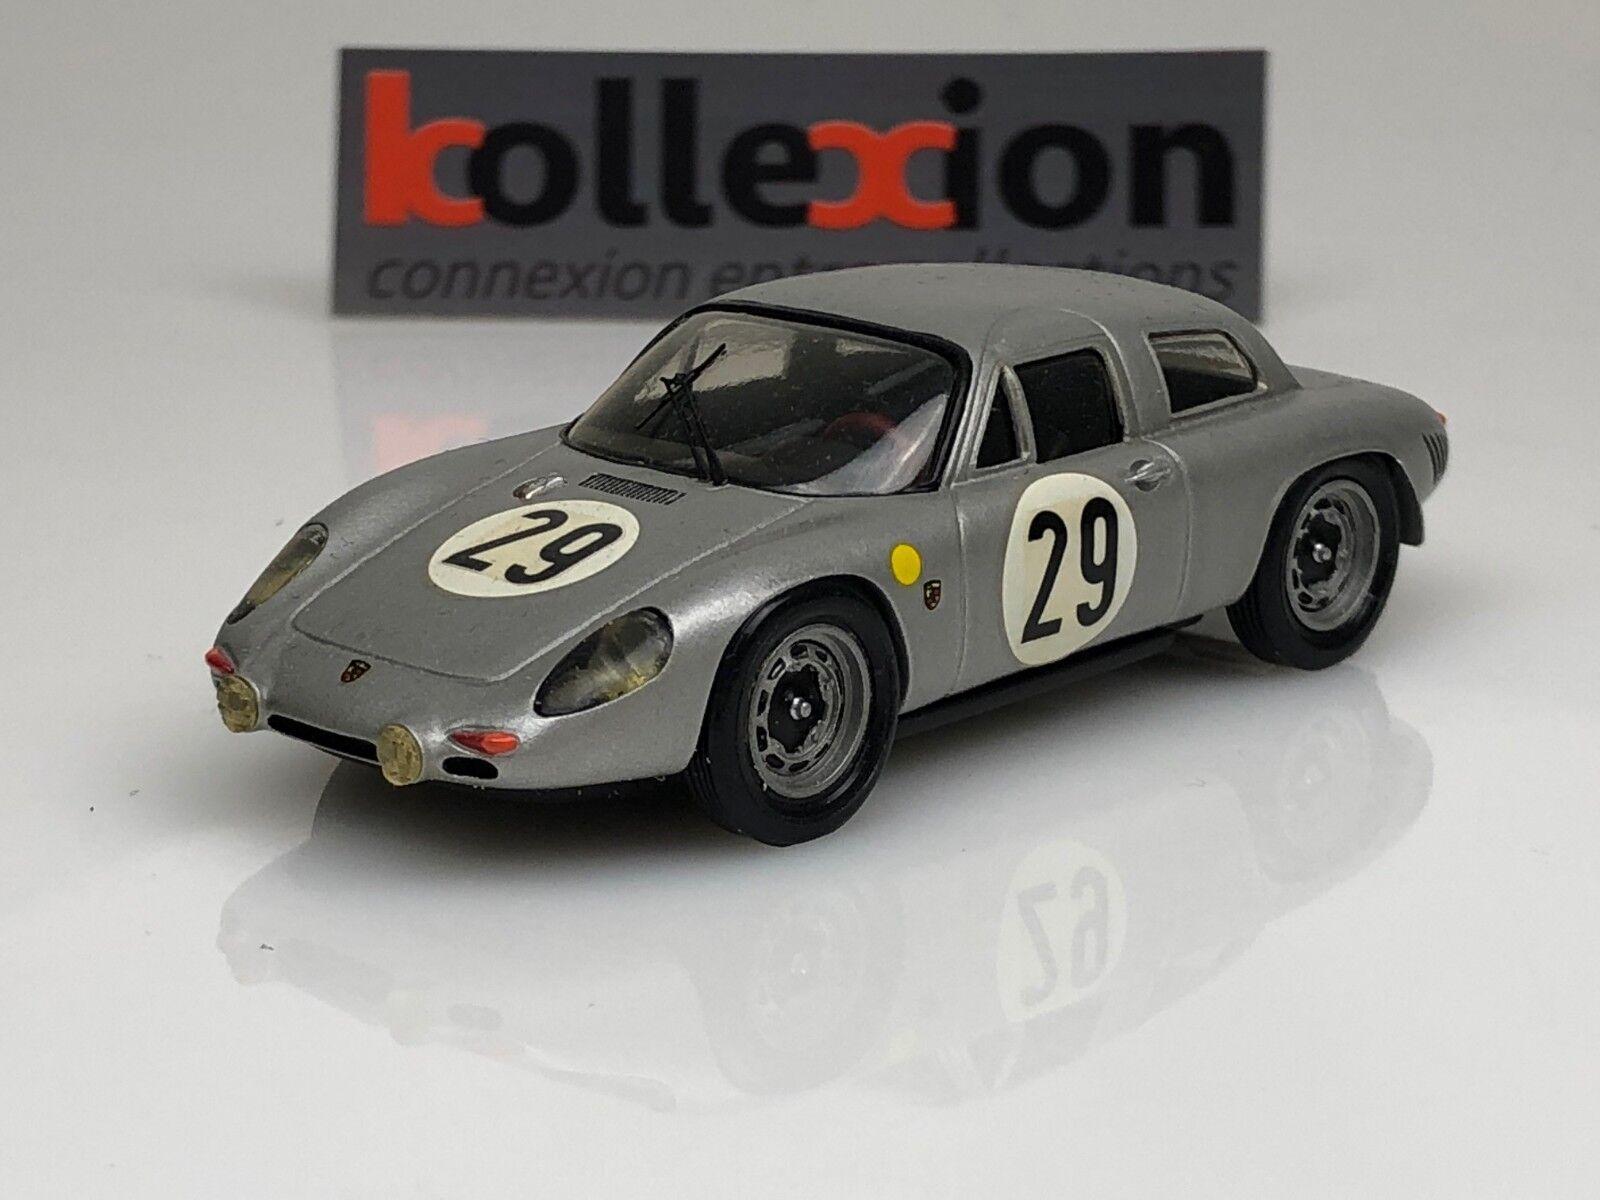 STARTER PORSCHE 2000 GS n 29 Le Mans 1963 G. Koch - CG de Beaufort 1.43